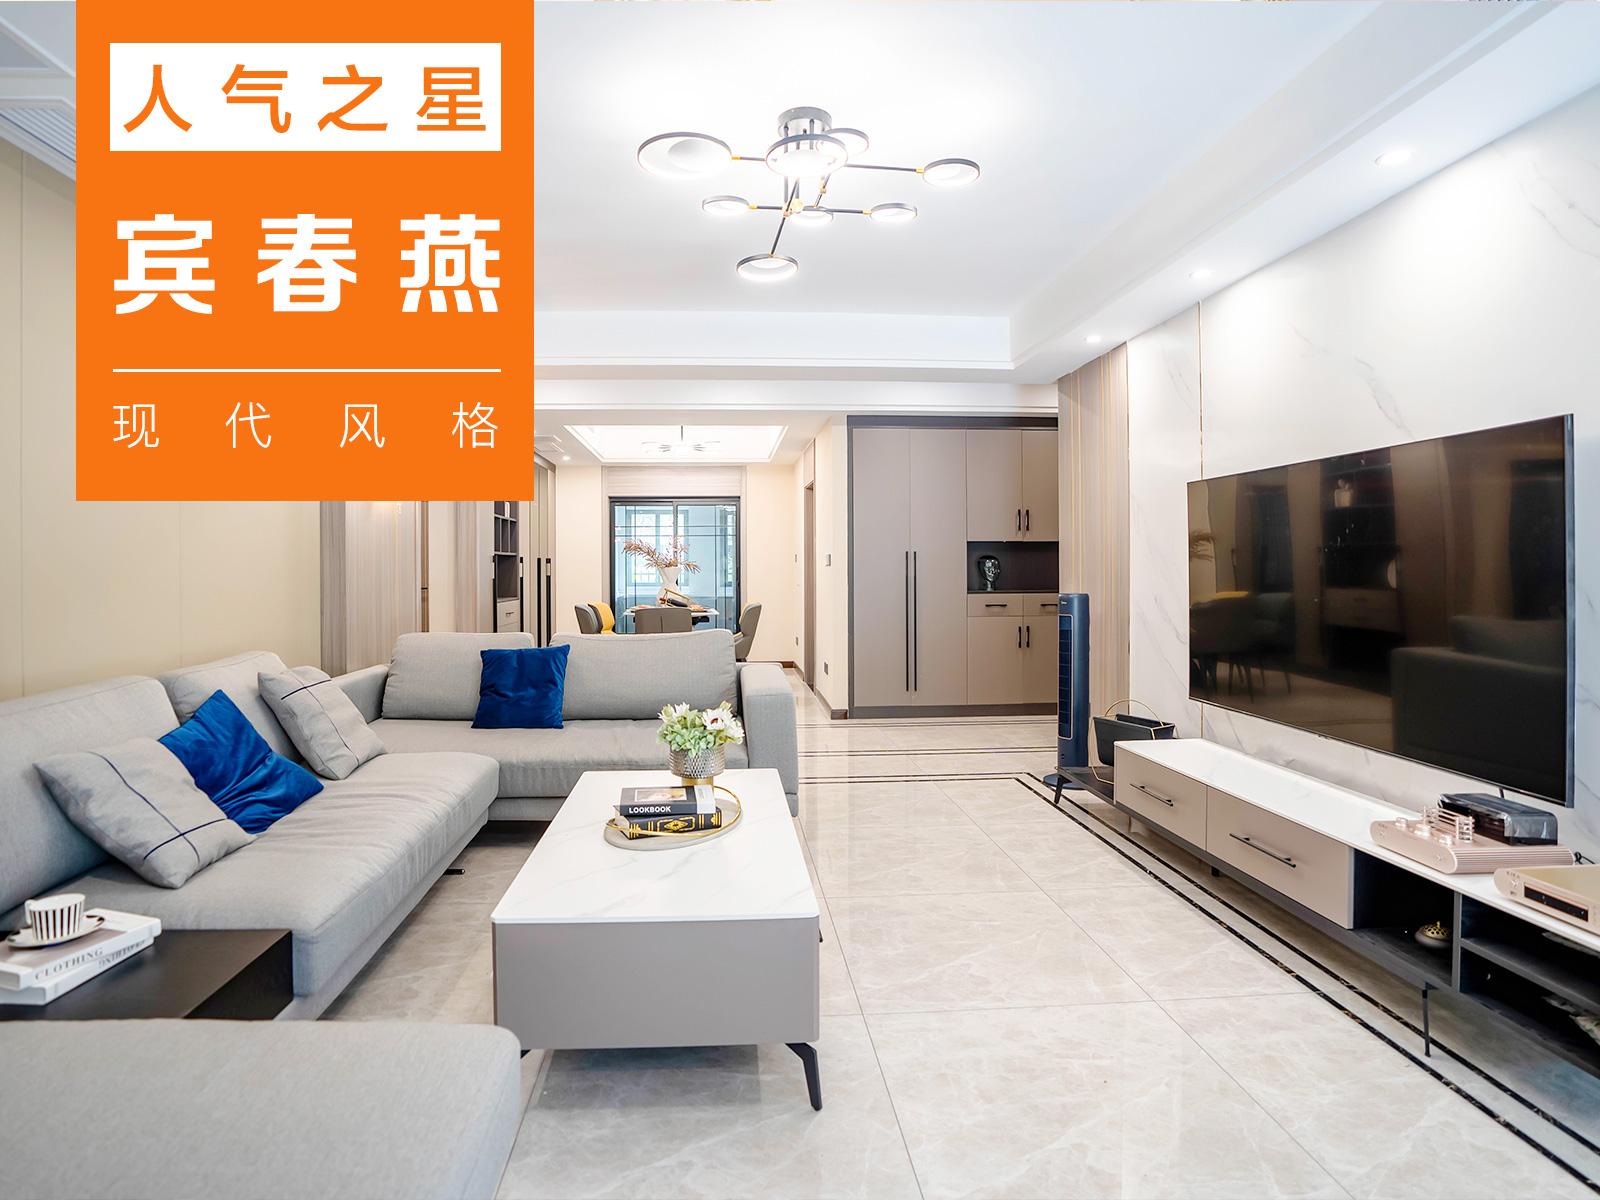 第1105期:人类高质量居家设计,现代风提高生活的清爽感!